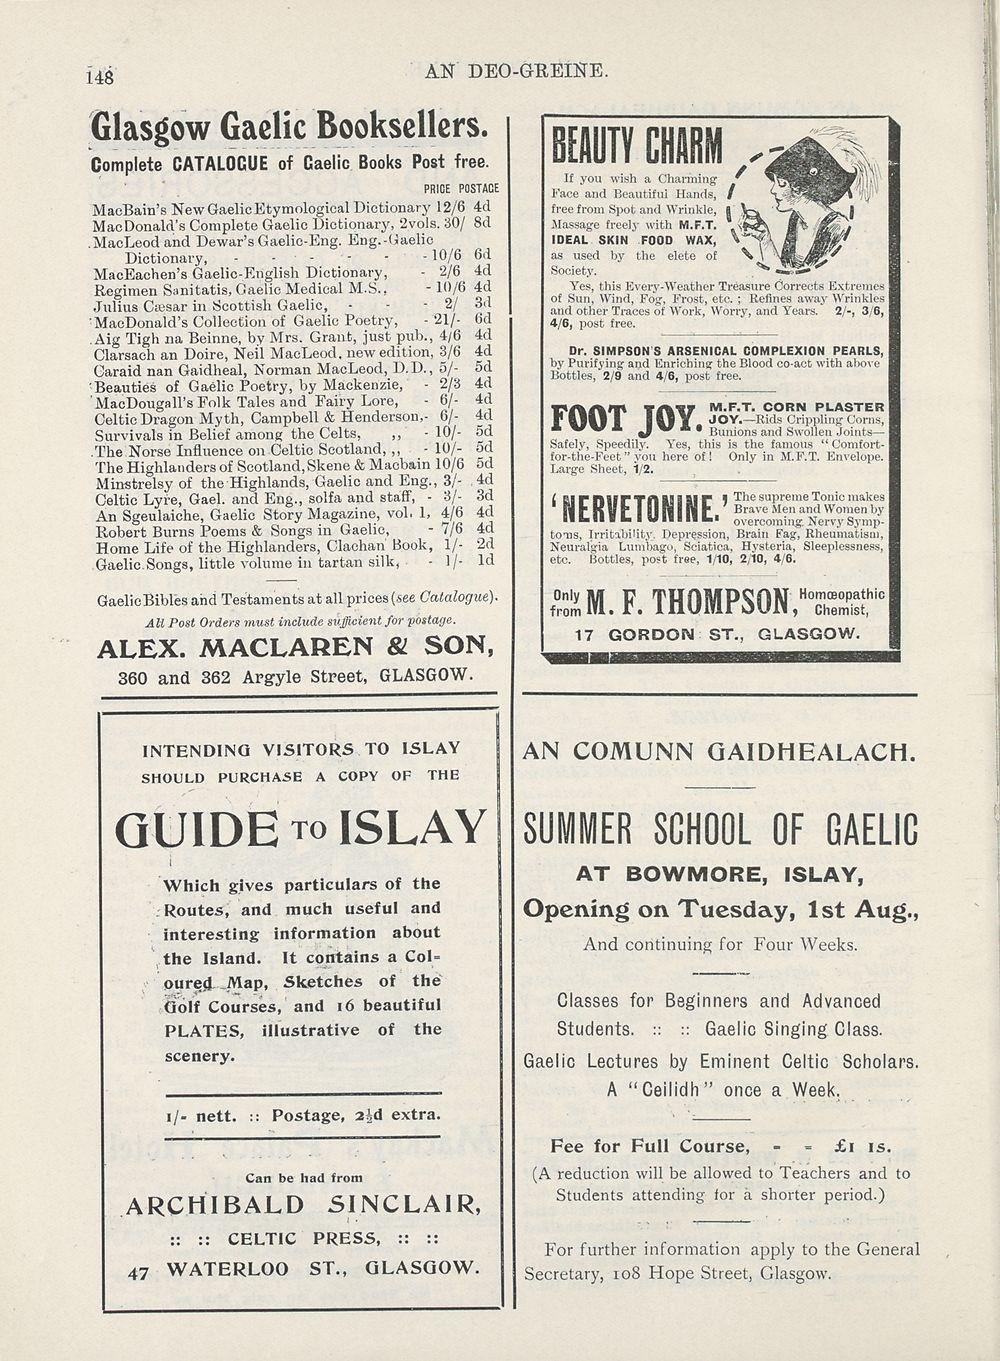 156) Advertisements - An Comunn Gàidhealach Publications > Deo